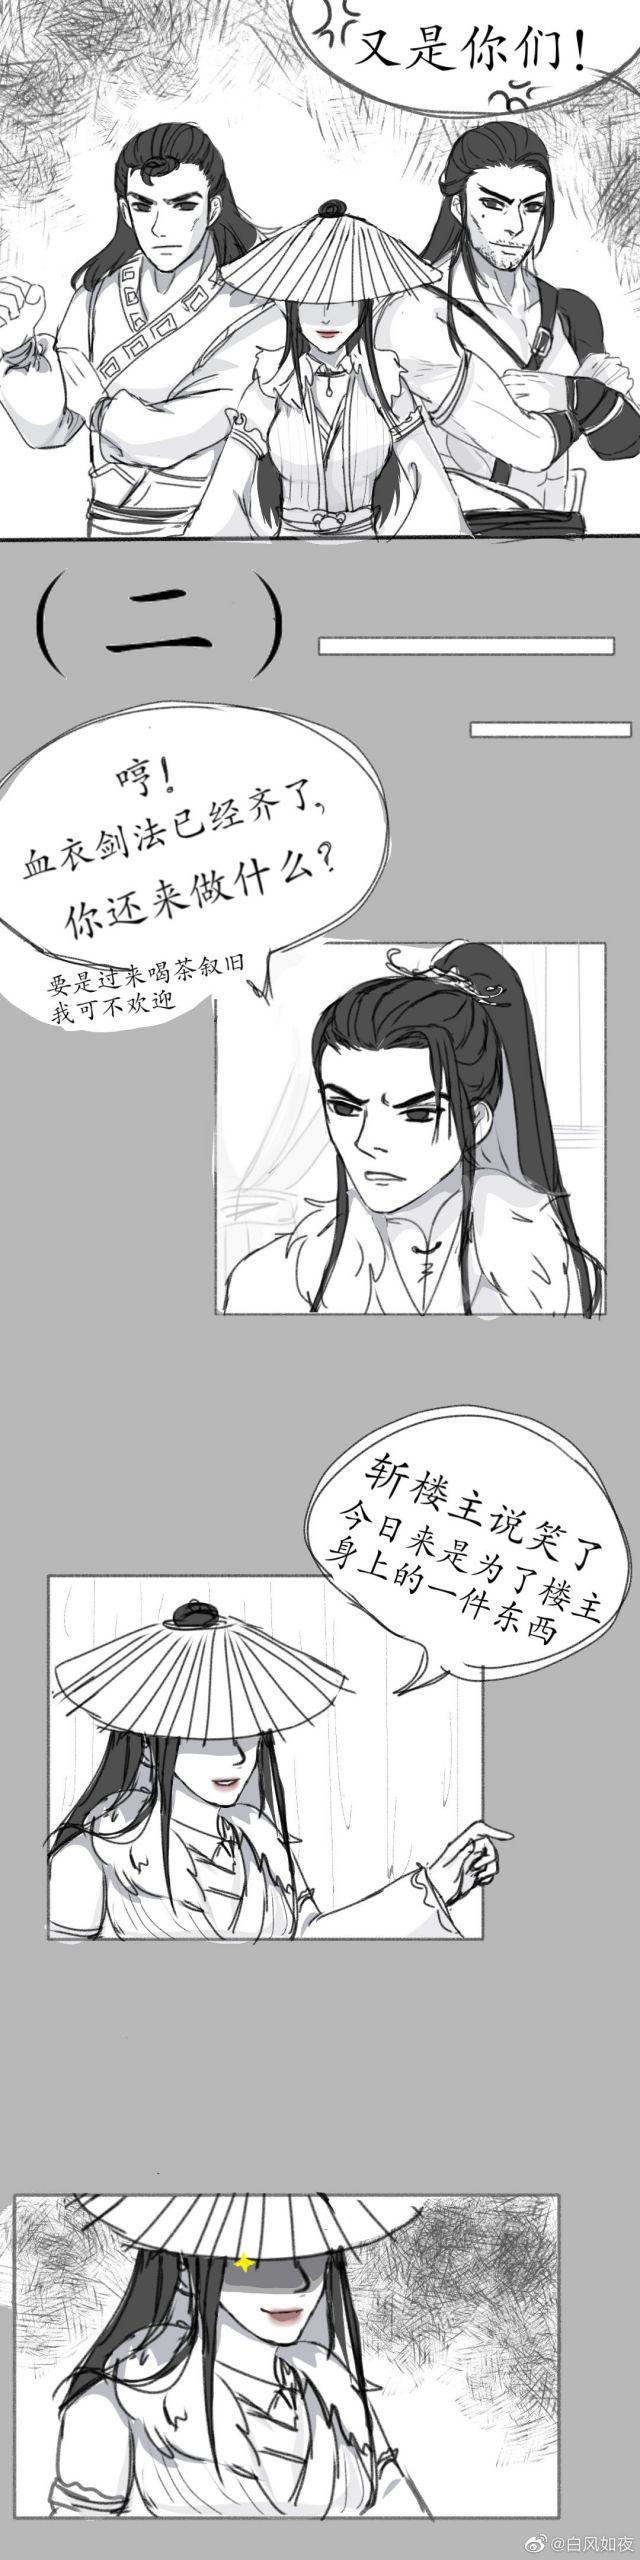 血衣楼惨案2.jpg